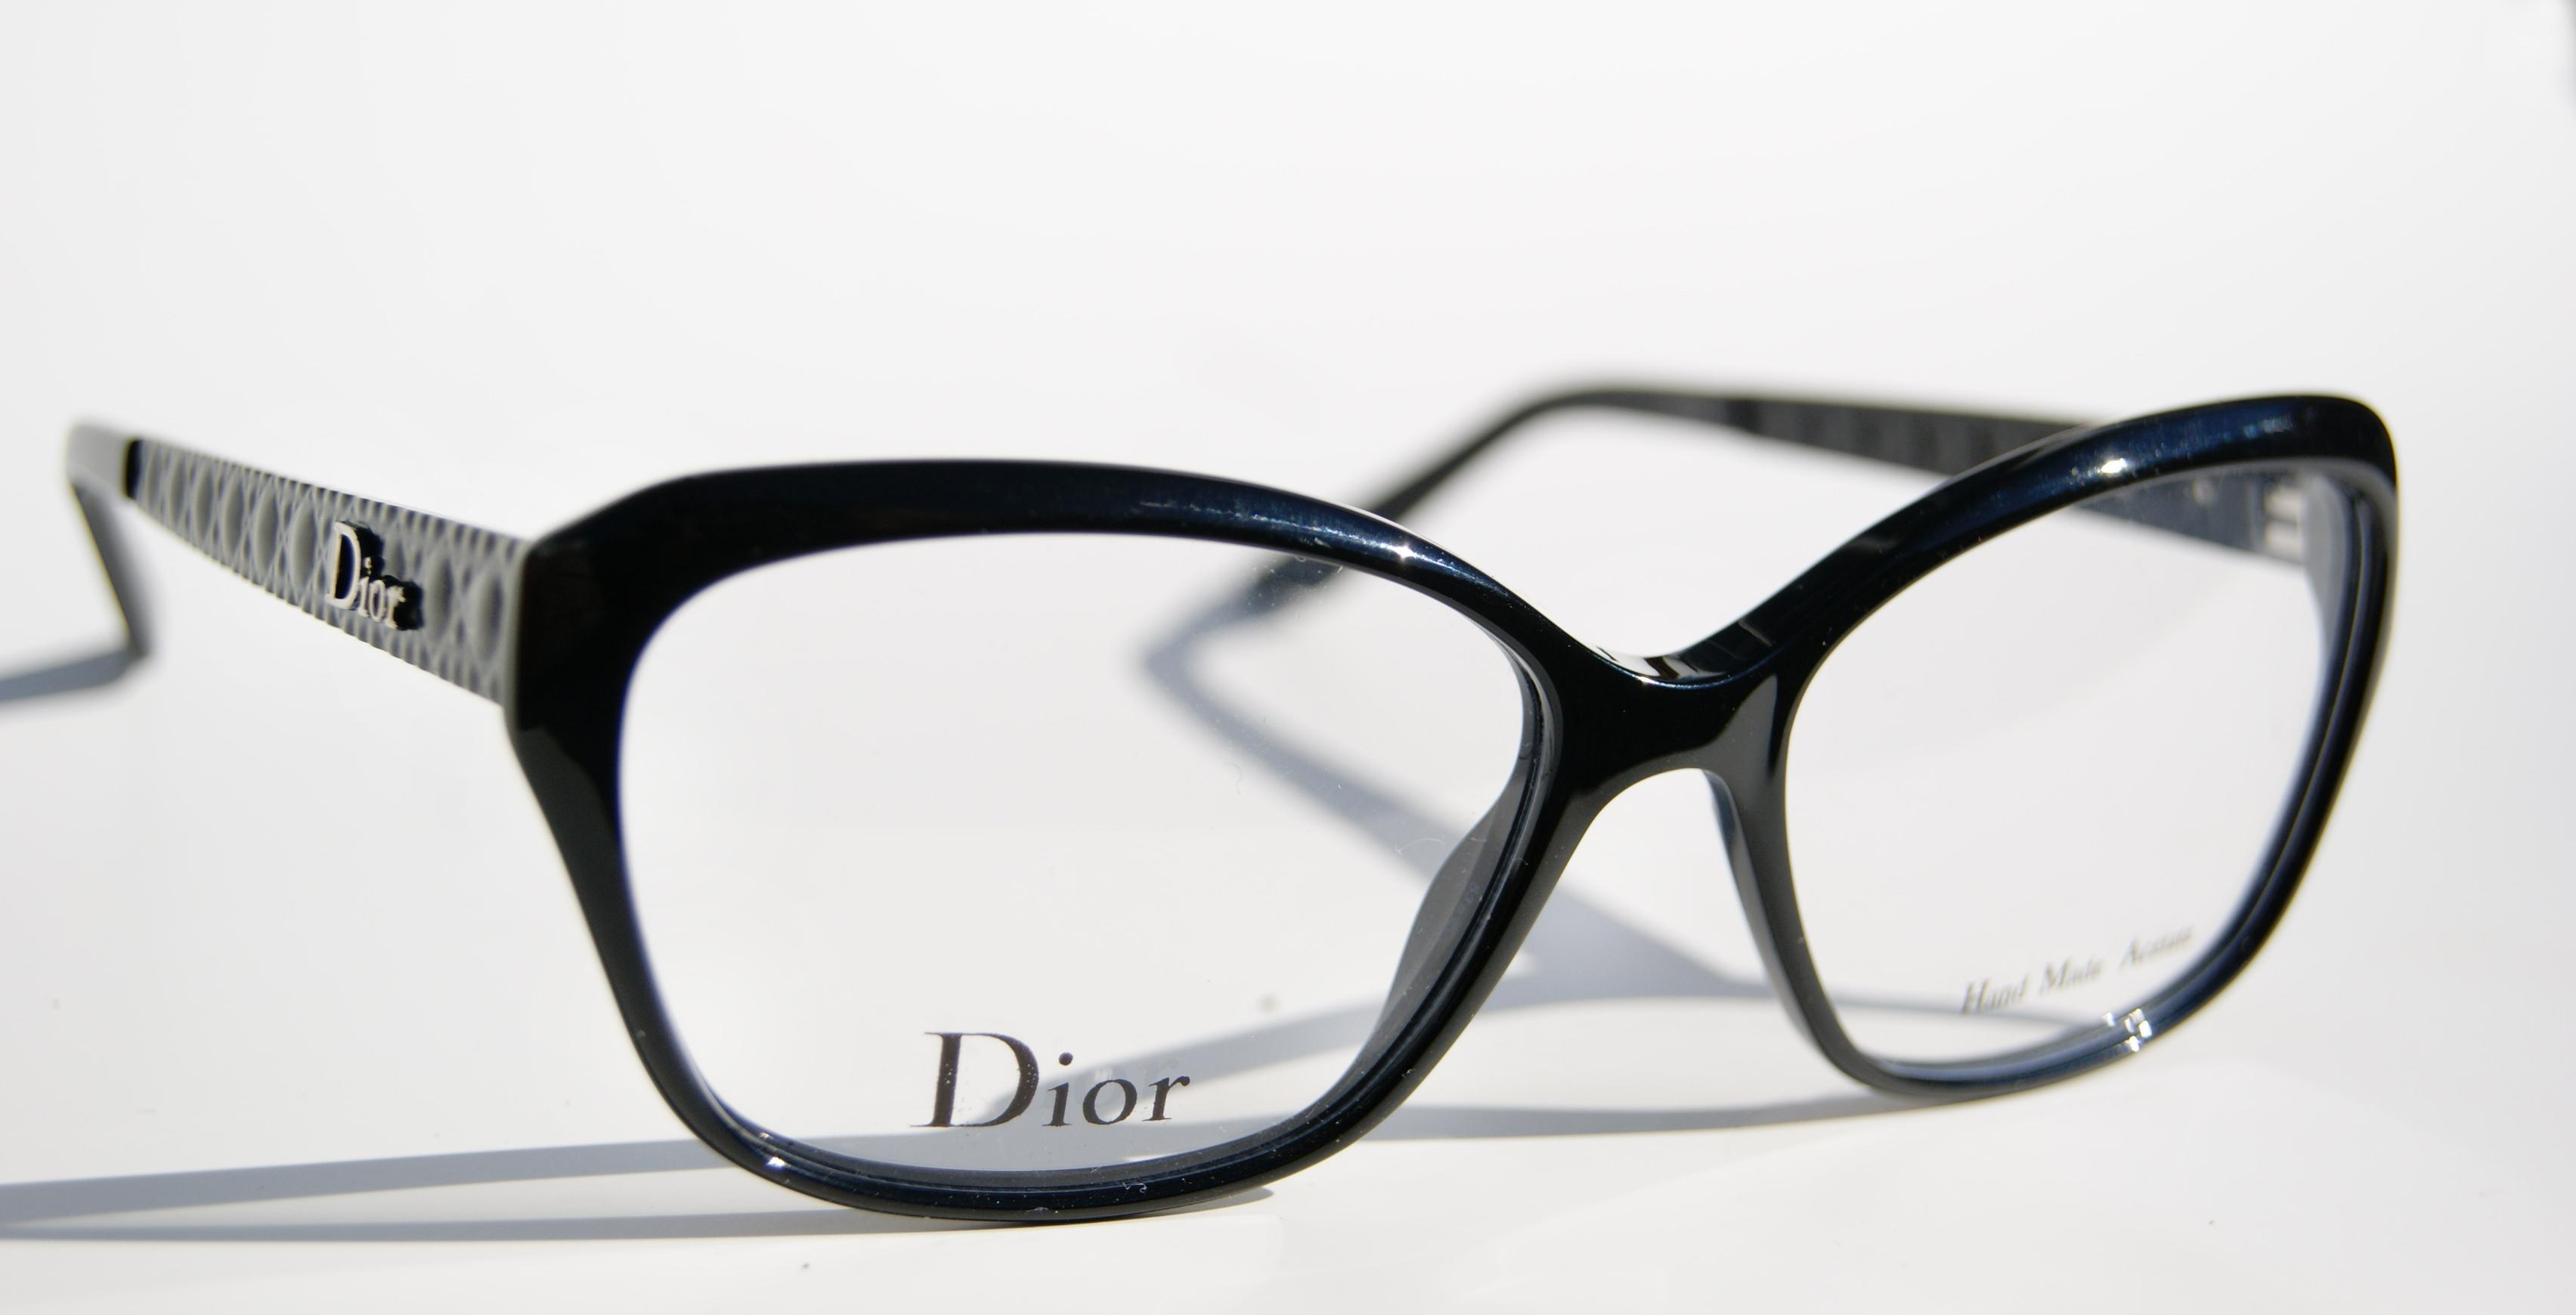 Dior Eyeglass Frames 2012 : Dior Haddonfield Eyewear